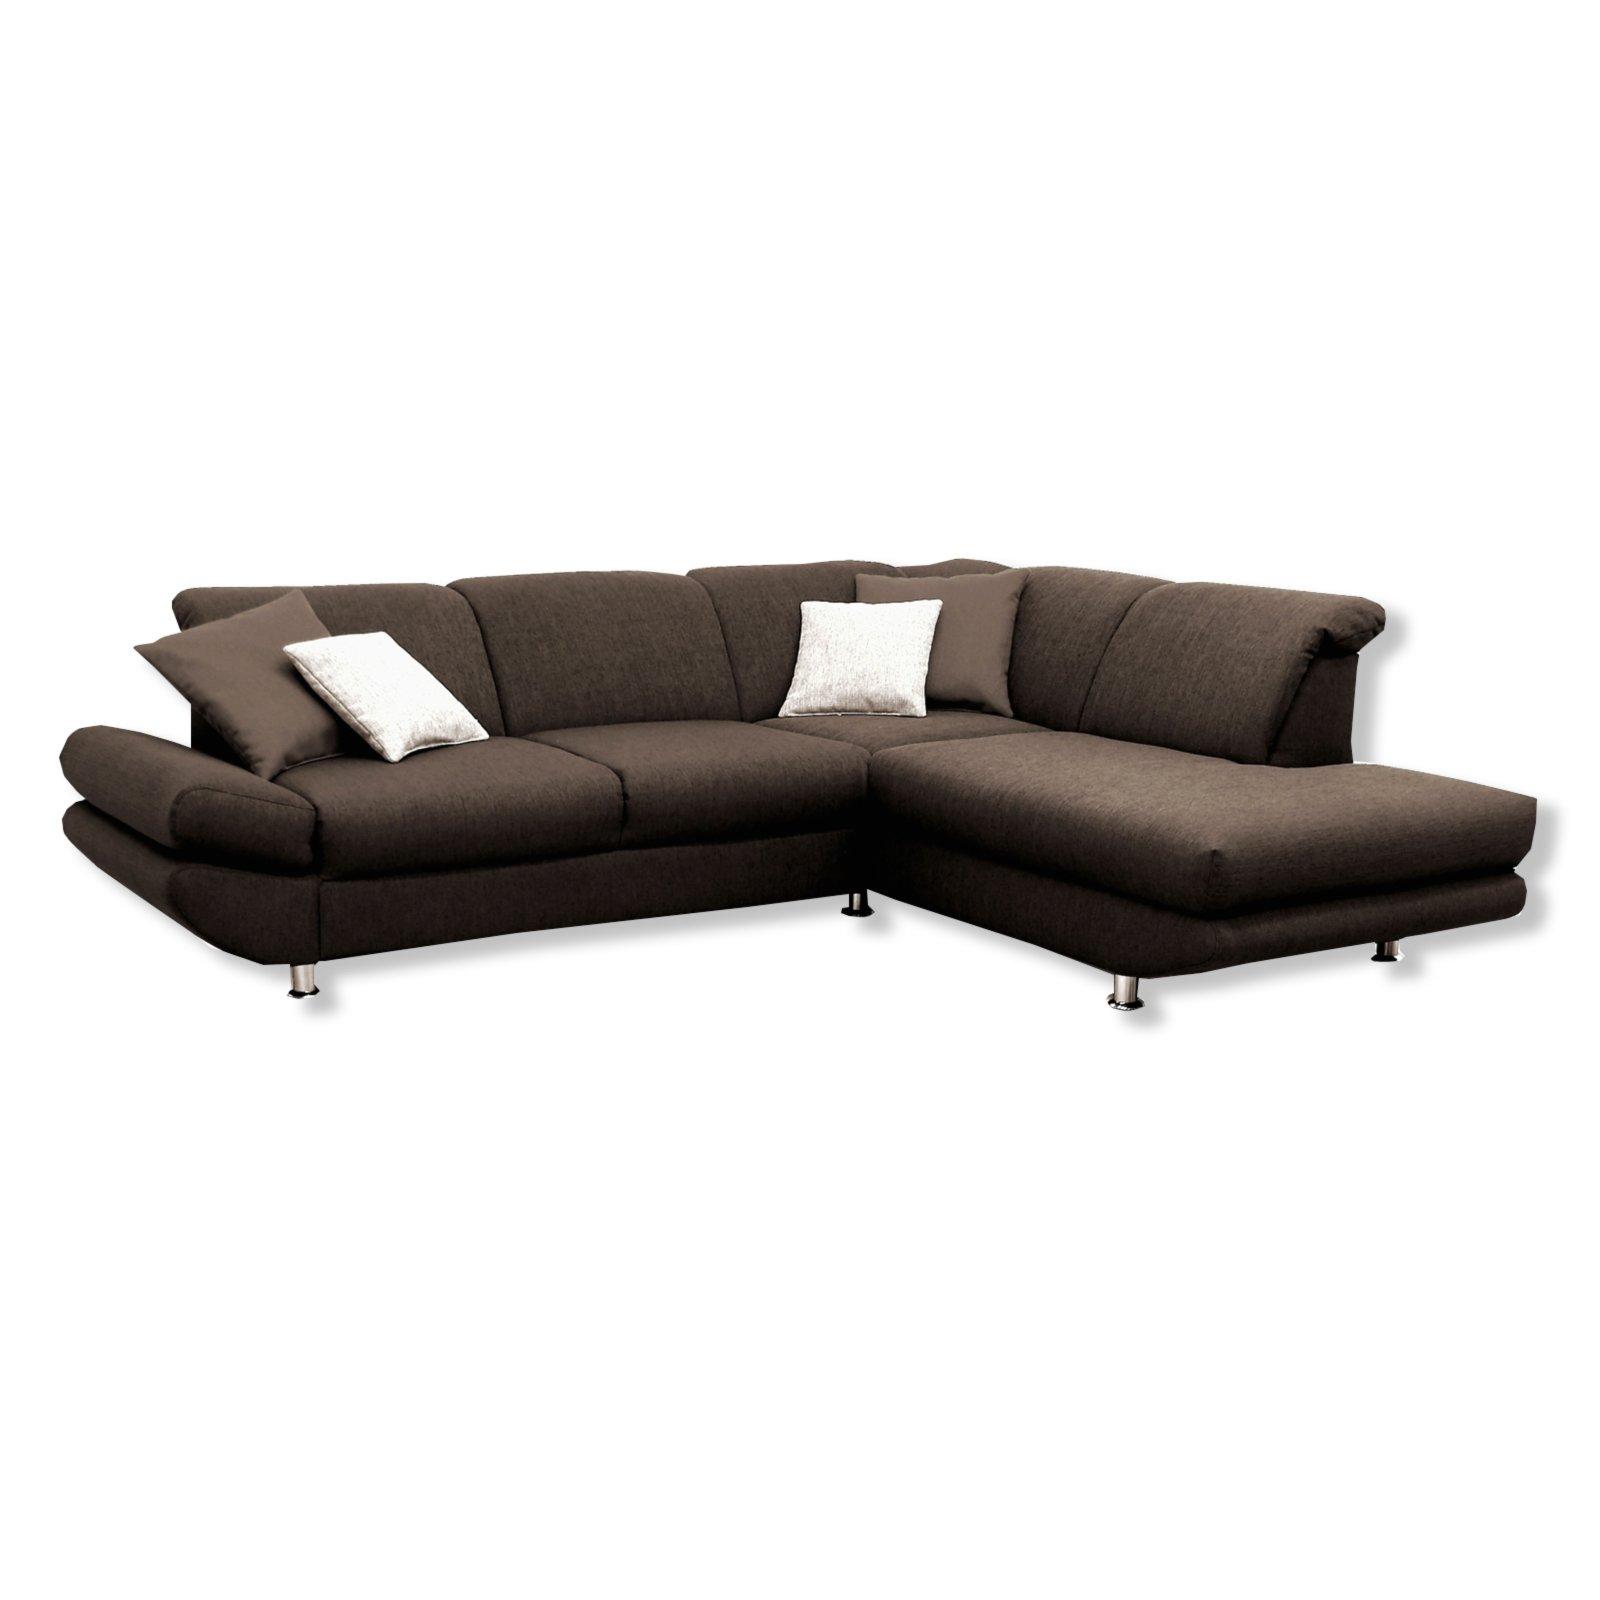 polsterecke braun mit funktionen ottomane rechts ecksofas l form sofas couches. Black Bedroom Furniture Sets. Home Design Ideas